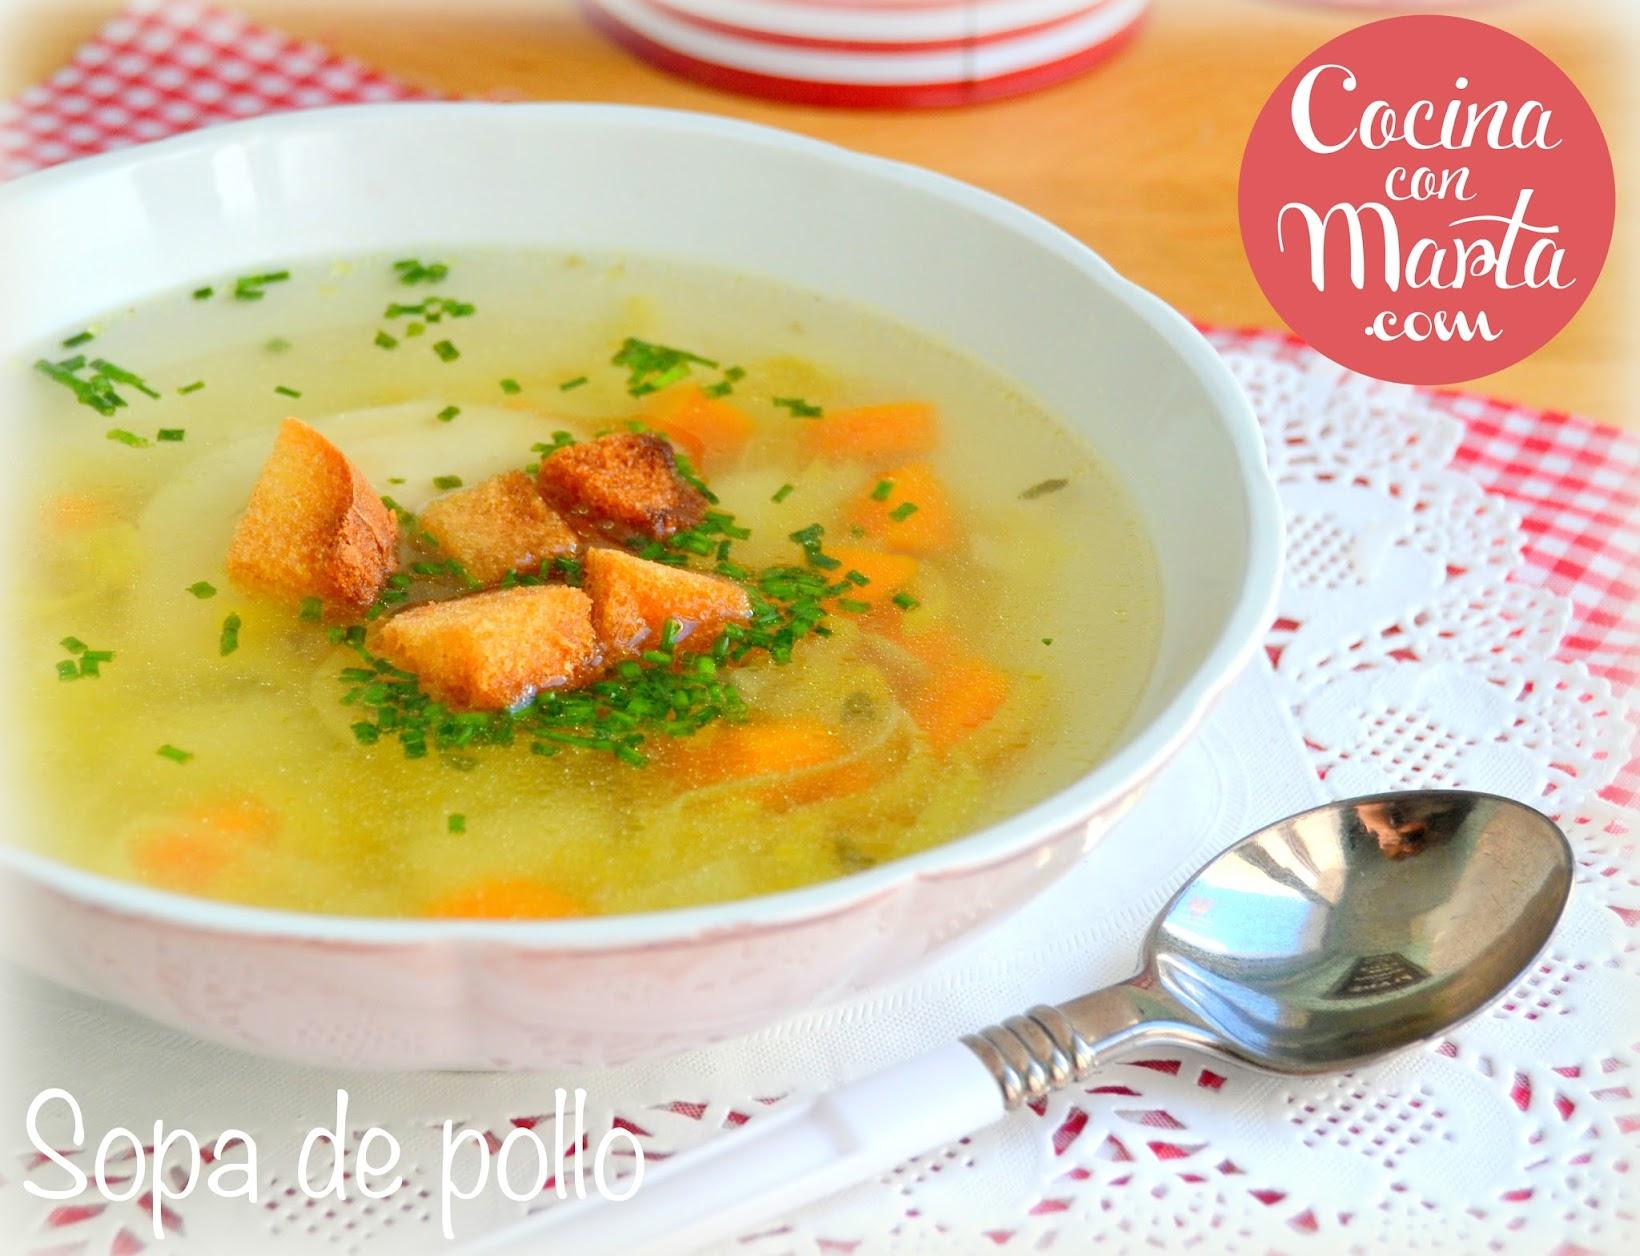 Sopa o caldo de pollo, receta casera, tradicional, cura resfriados, catarros, enfríamientos, remedio casero, fácil, rápida, Cocina con Marta